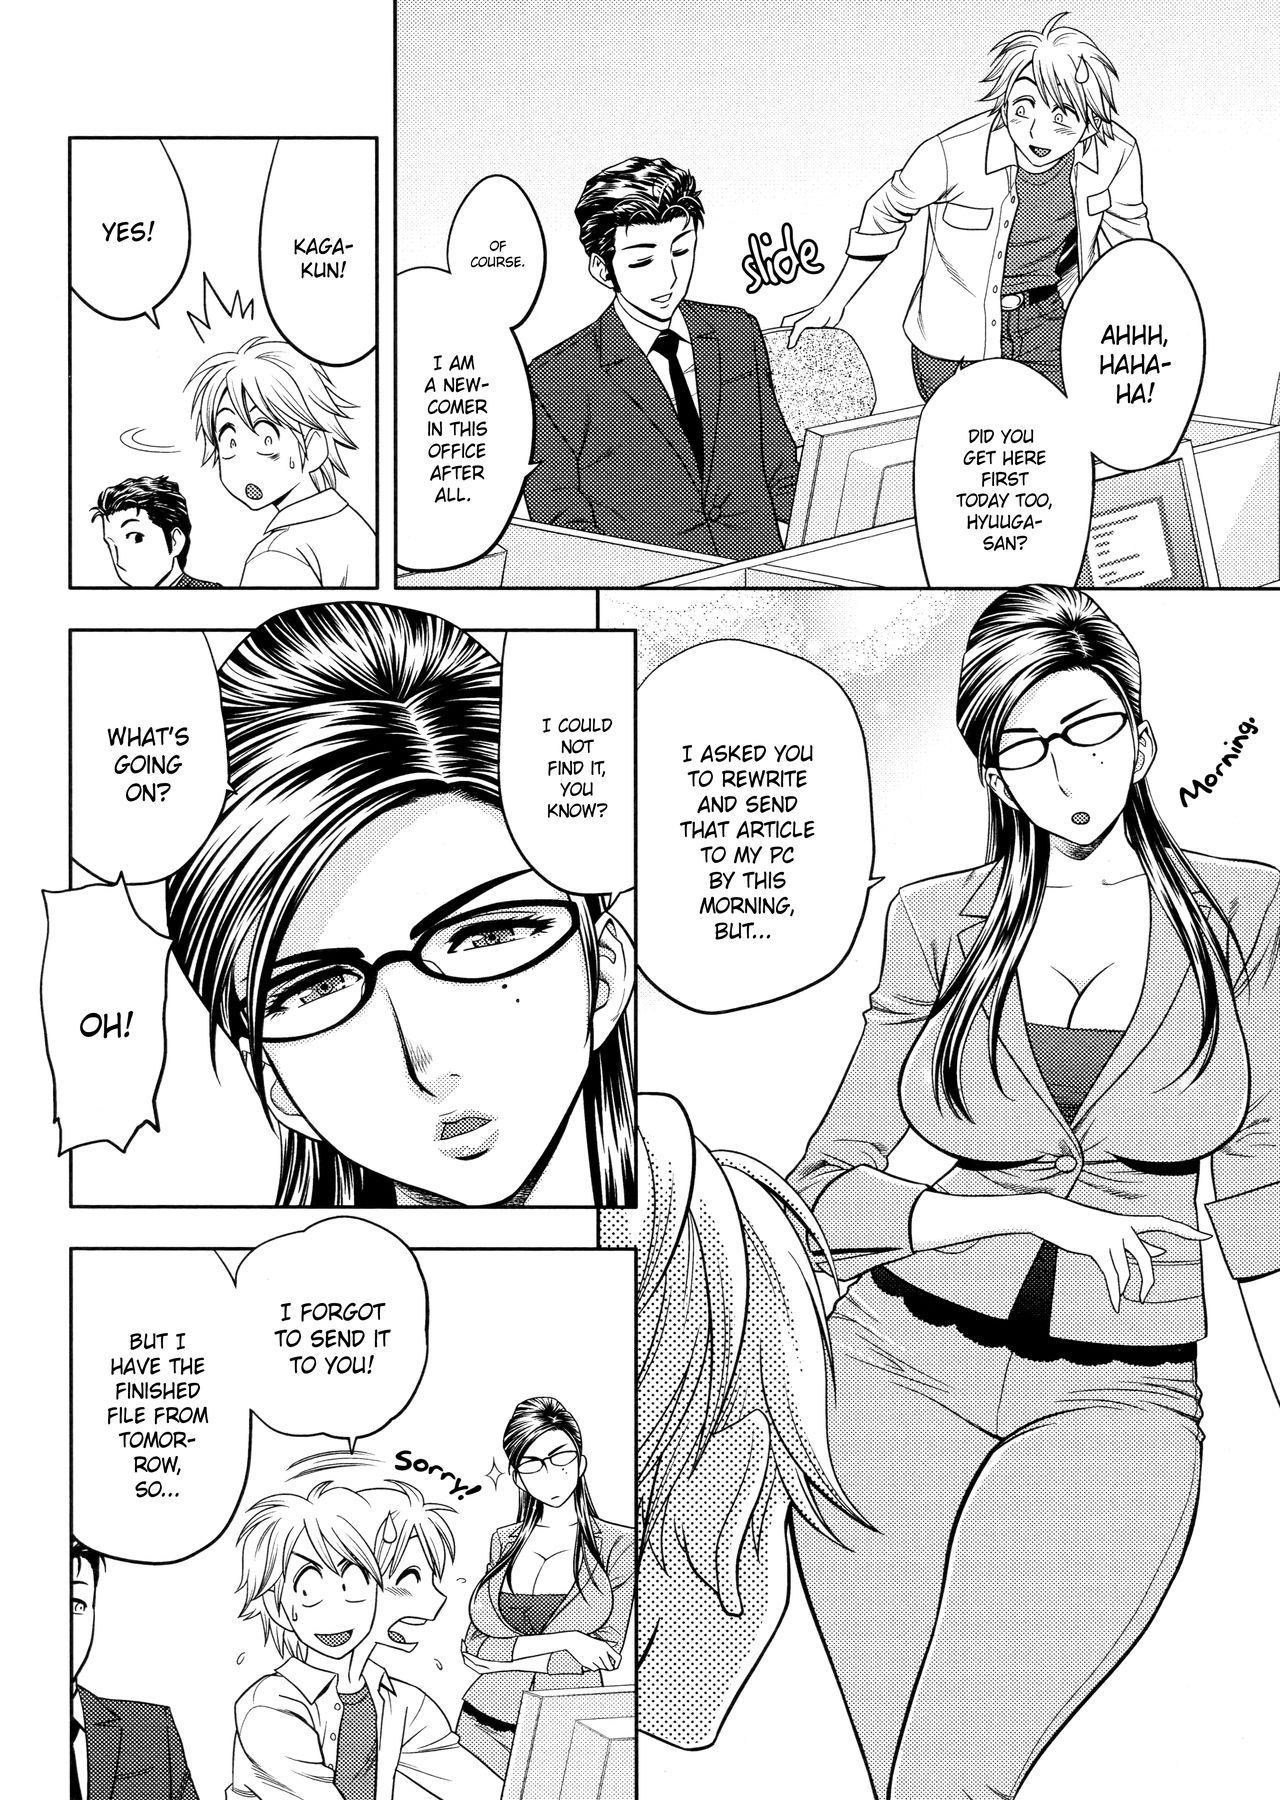 [Tatsunami Youtoku, Yamasaki Masato] Bijin Henshuu-chou no Himitsu | Beautiful Editor-in-Chief's Secret Ch. 1-8 [English] [Forbiddenfetish77, Red Vodka, Crystalium, CEDR777] [Decensored] 69